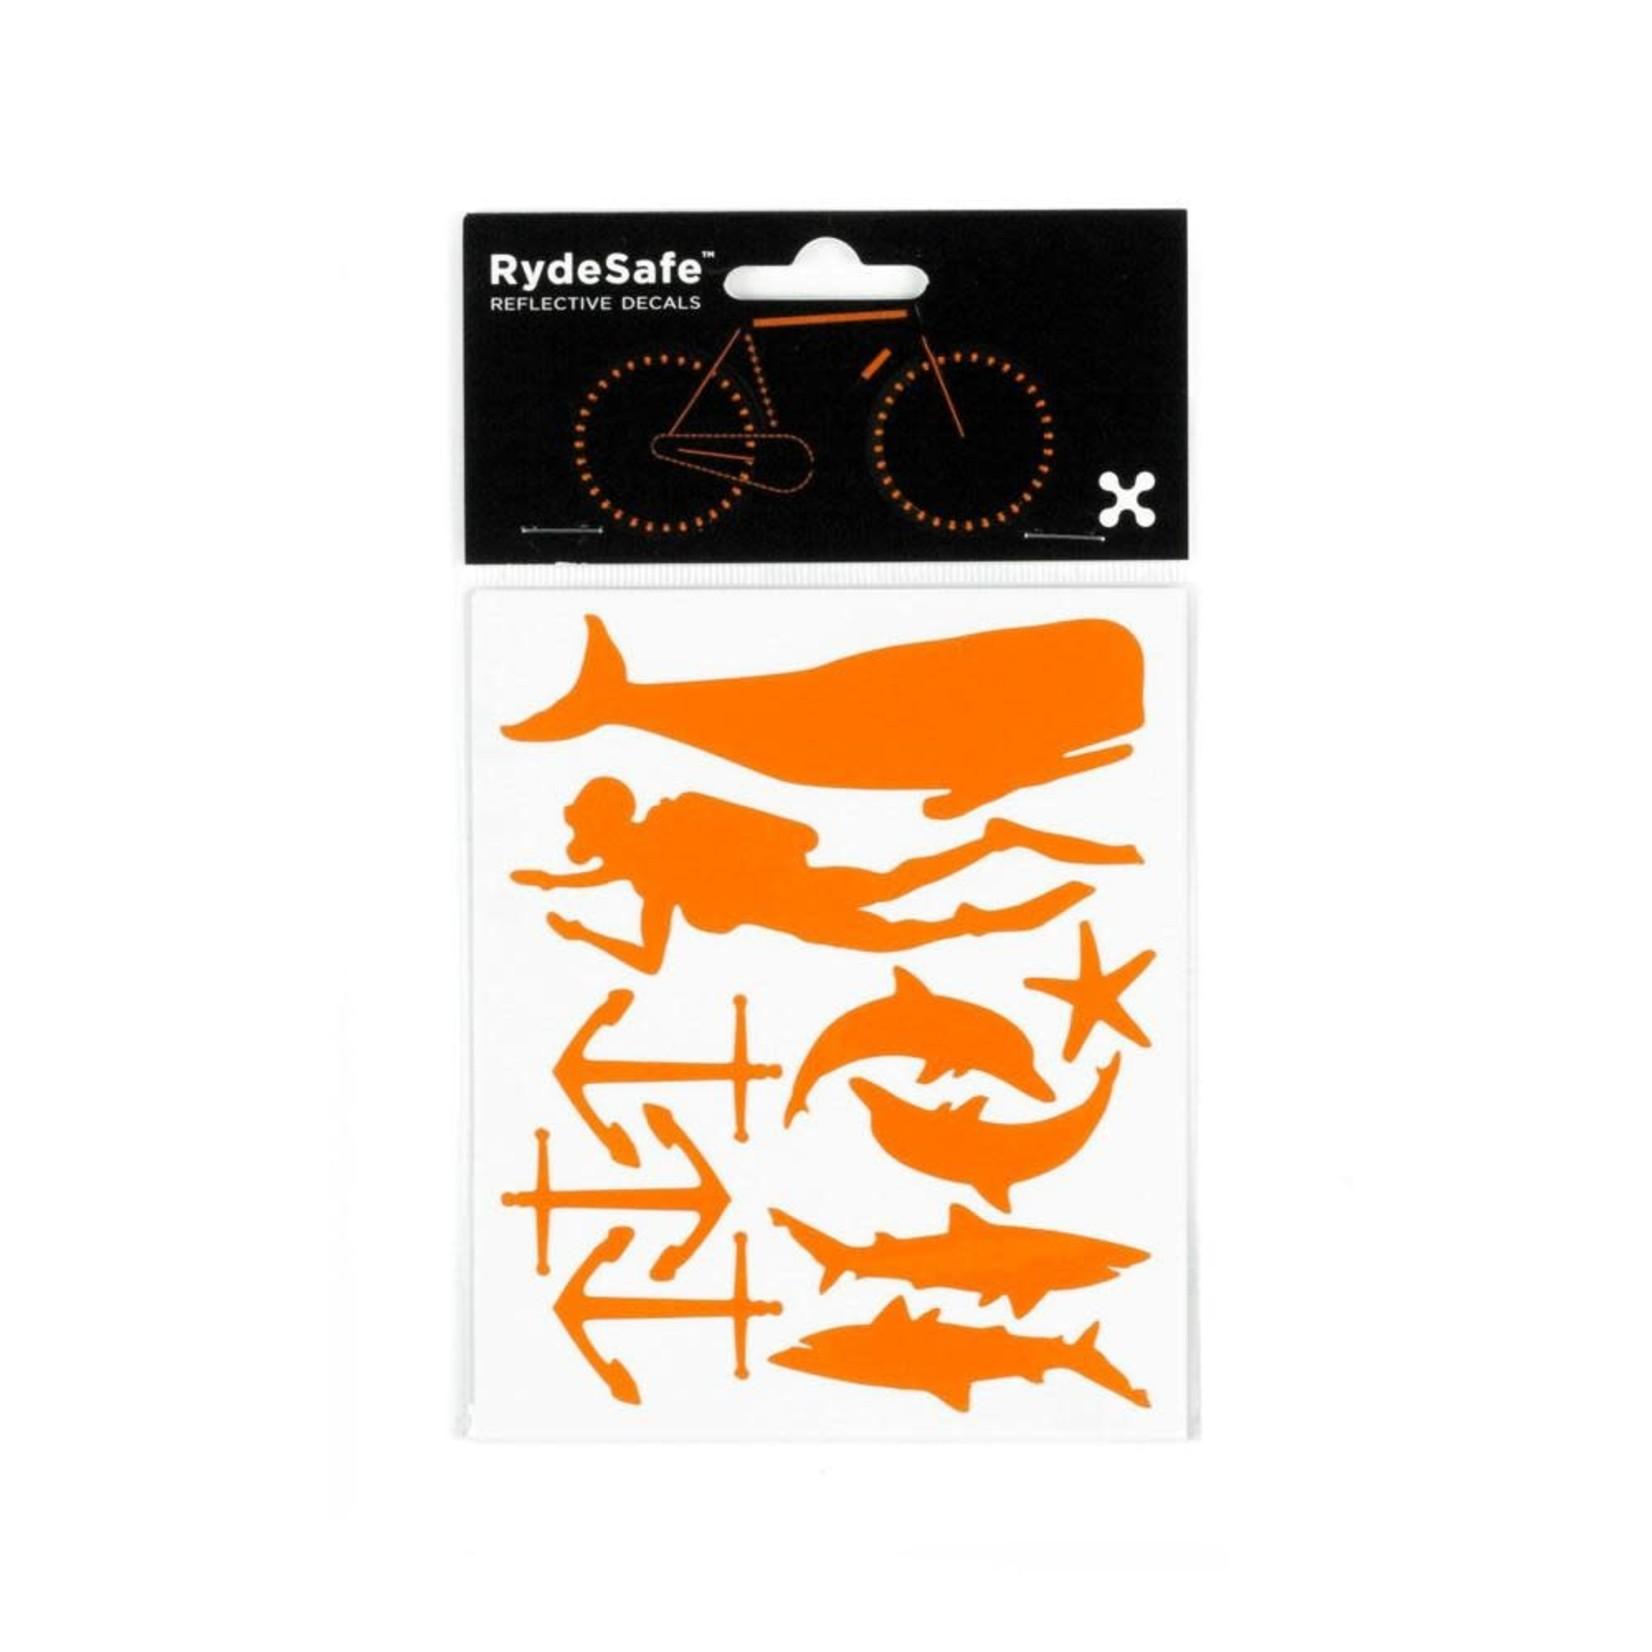 Rydesafe Reflective Decals Nautical kit